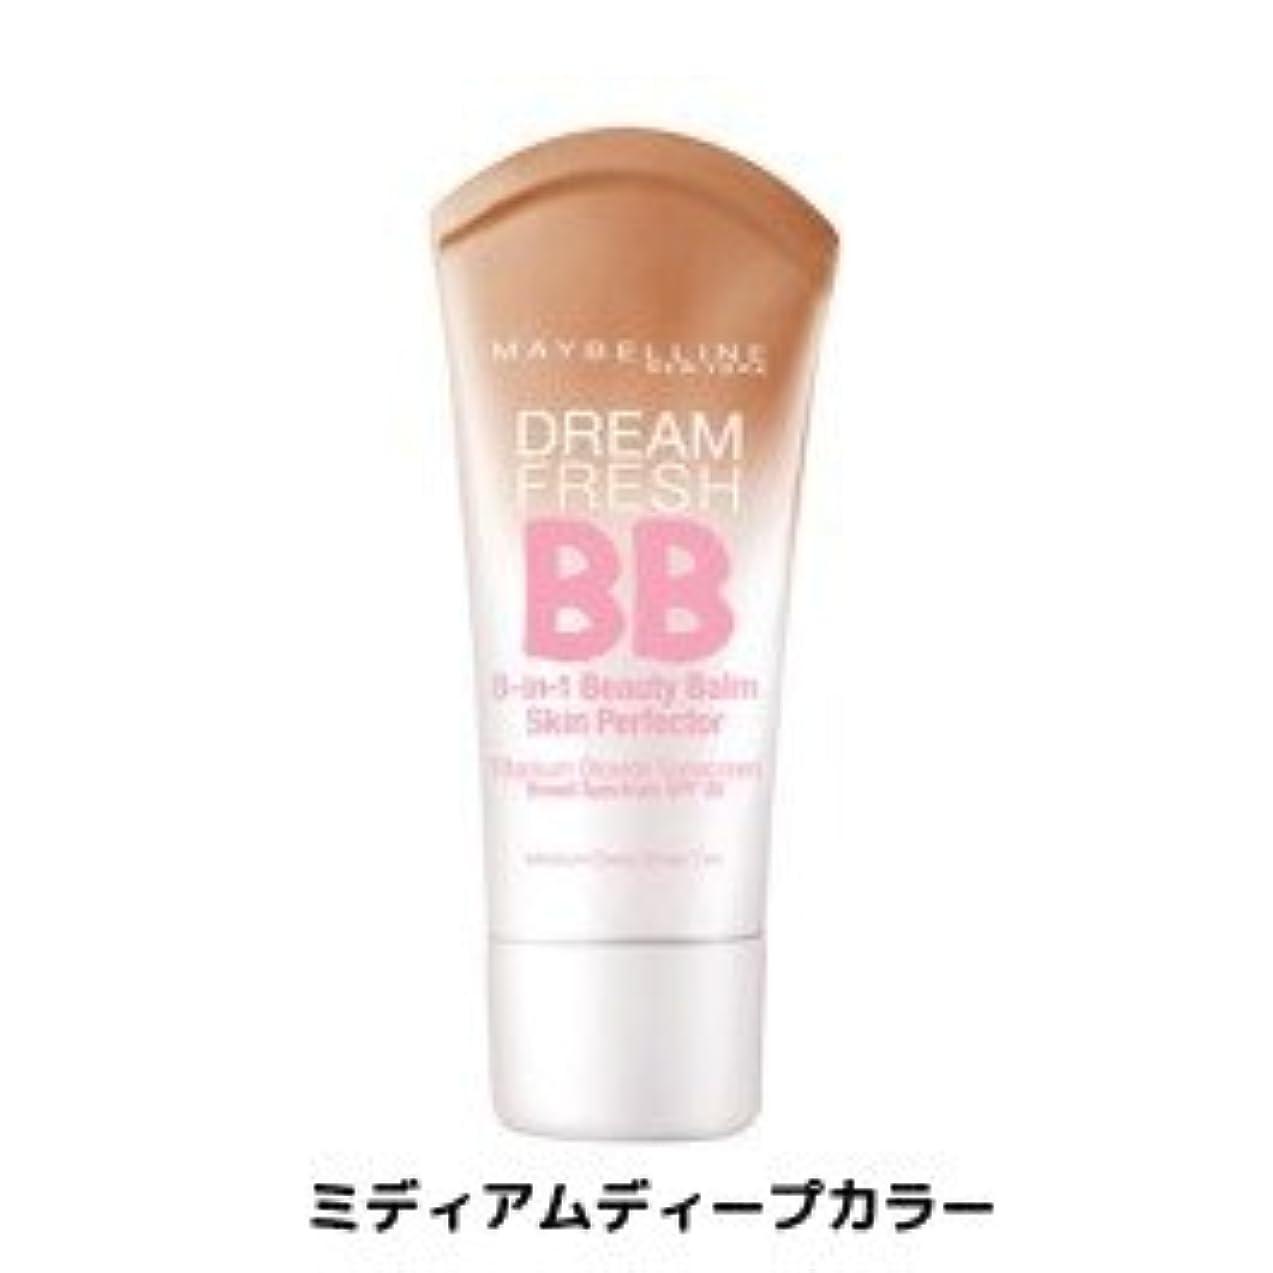 嫌な工業用ジレンマメイベリン BBクリーム  SPF 30*Maybelline Dream Fresh BB Cream 30ml【平行輸入品】 (ミディアムディープカラー)